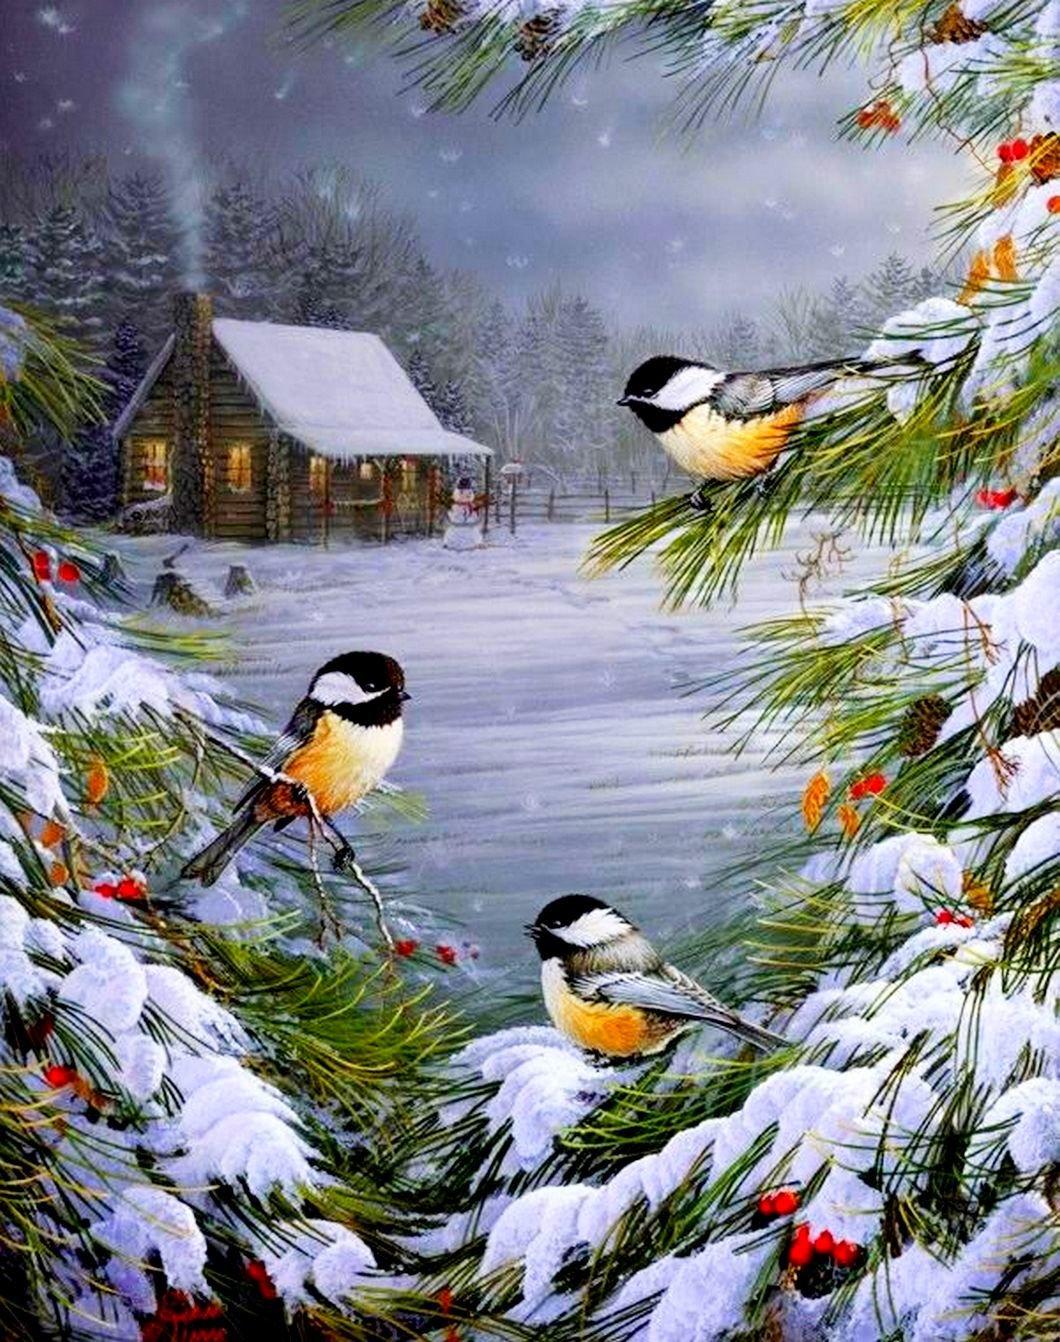 красивые зимние открытки картинки для вставки этой